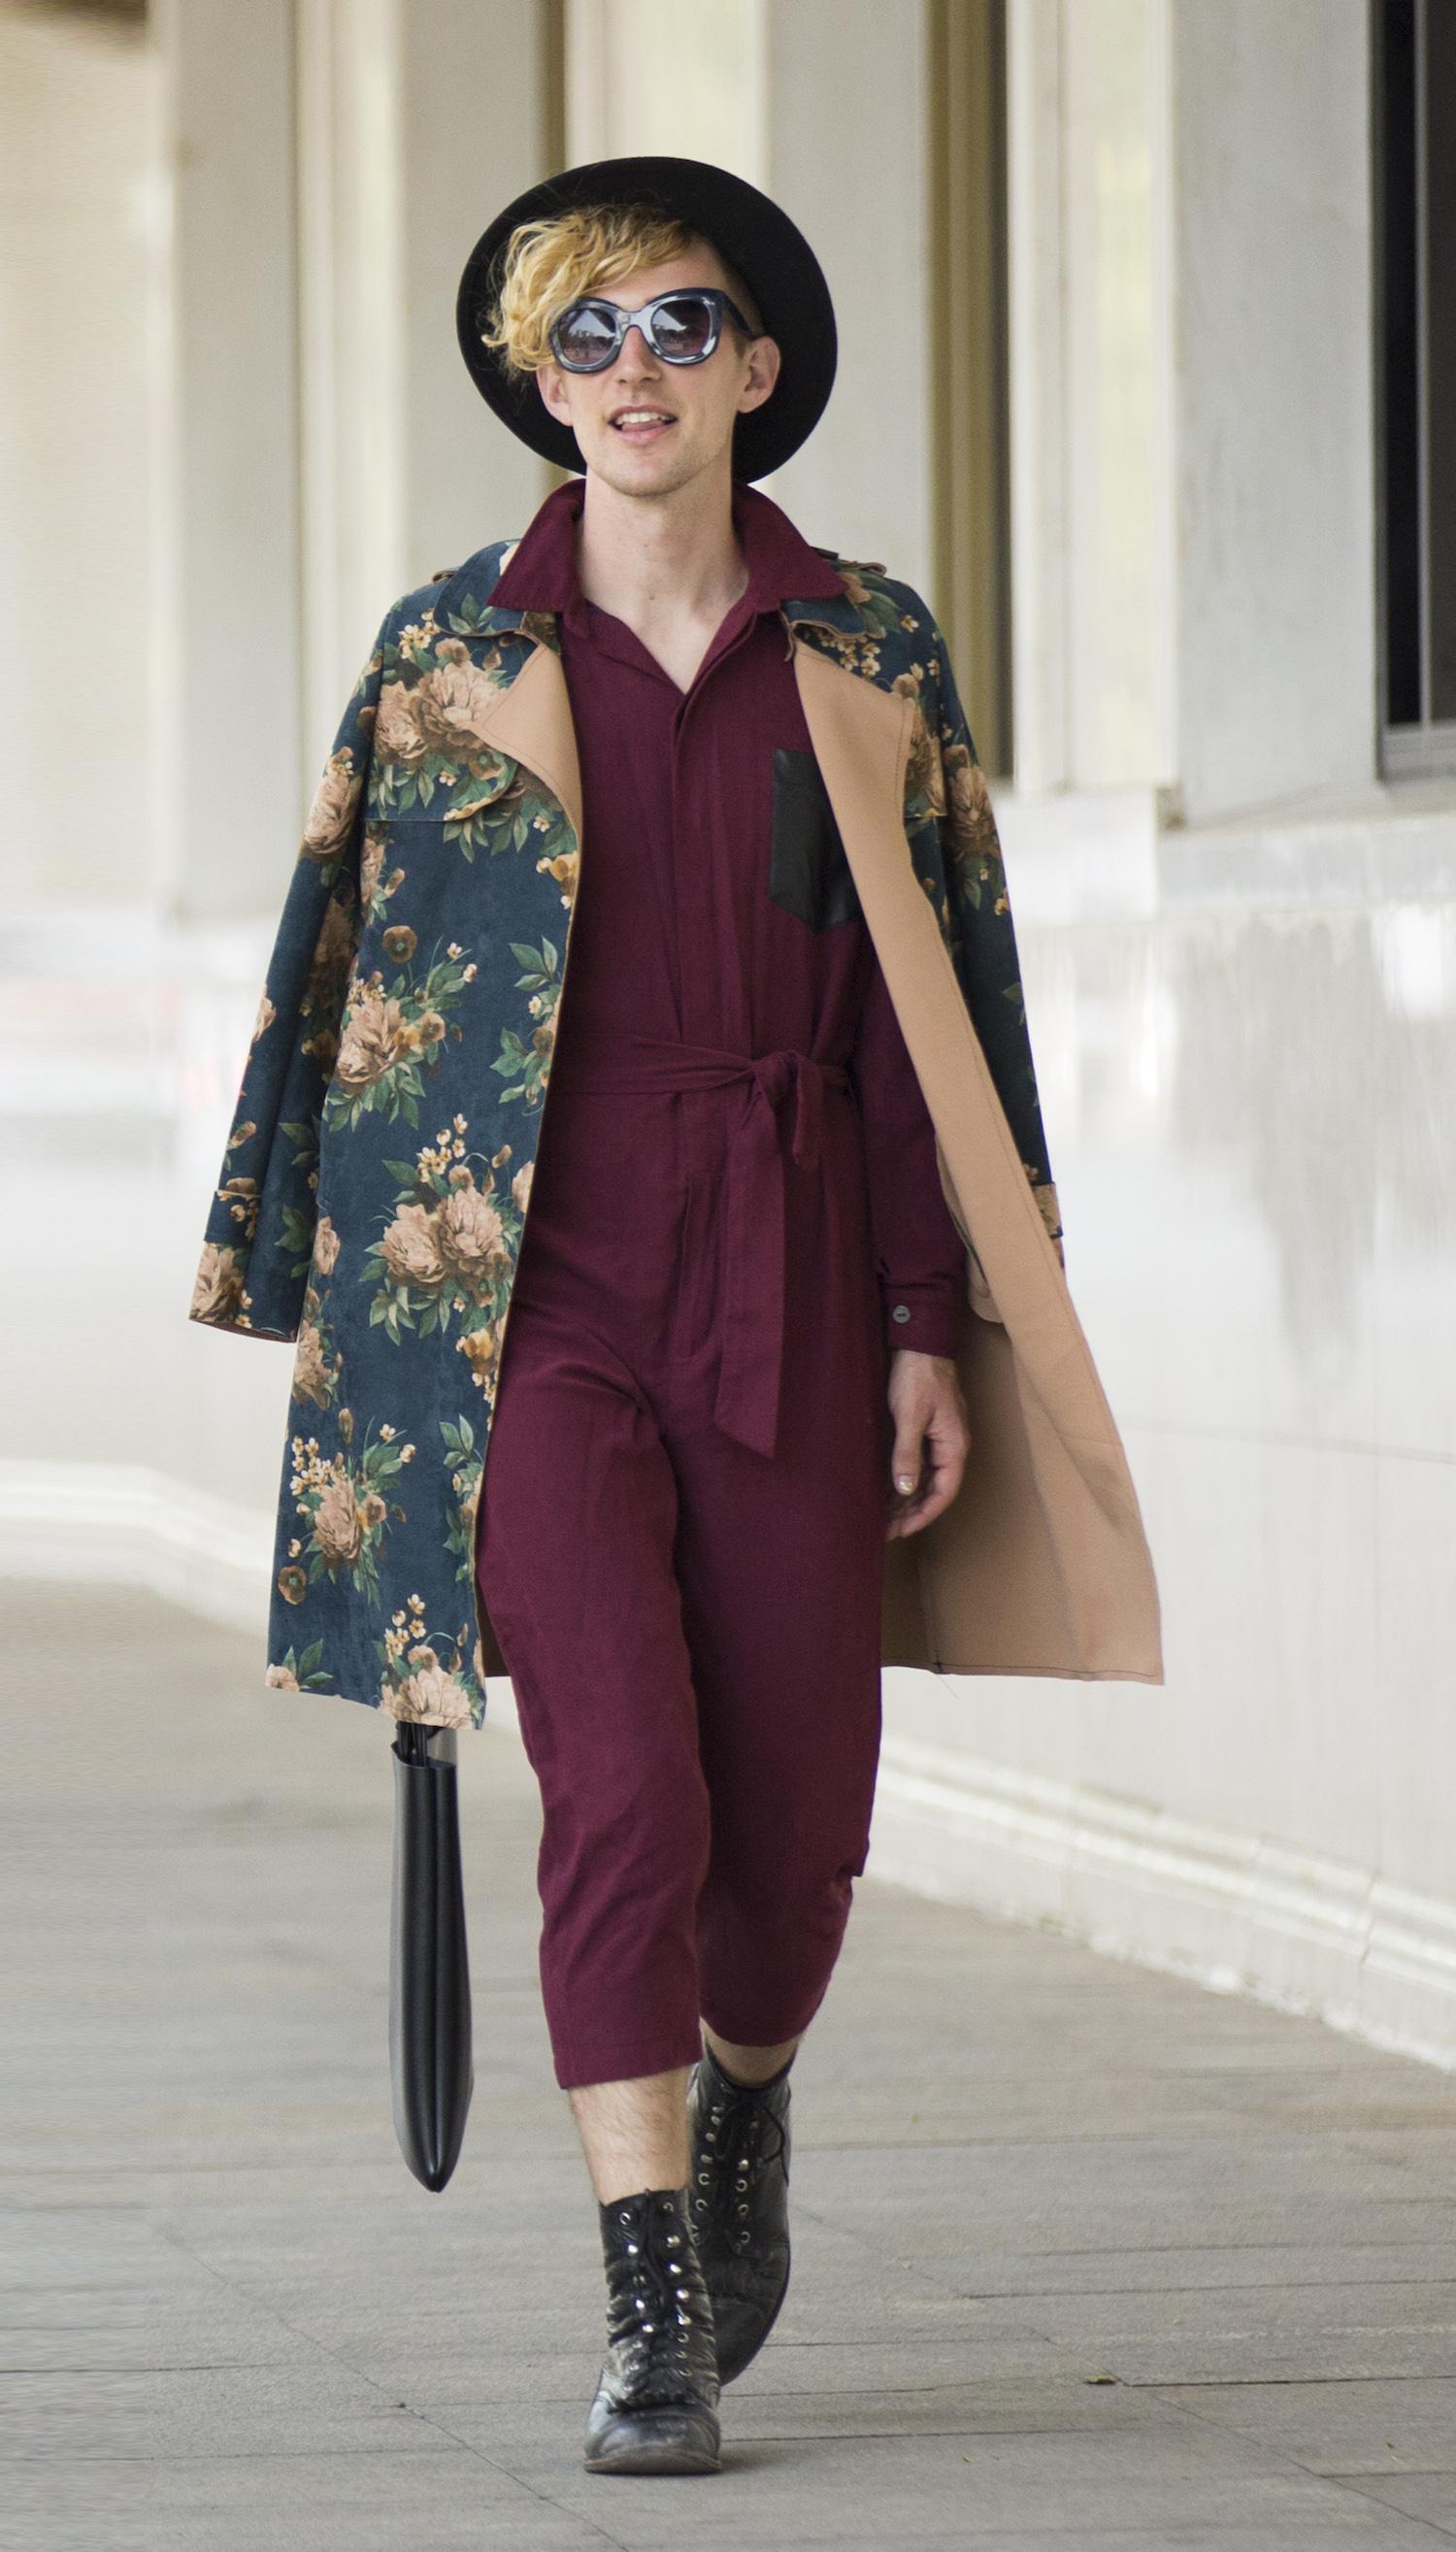 Rob Woodcox nổi bật với điểm nhấn là áo khoác hoạ tiết hoa đến từ thương hiệu Thai Salew.